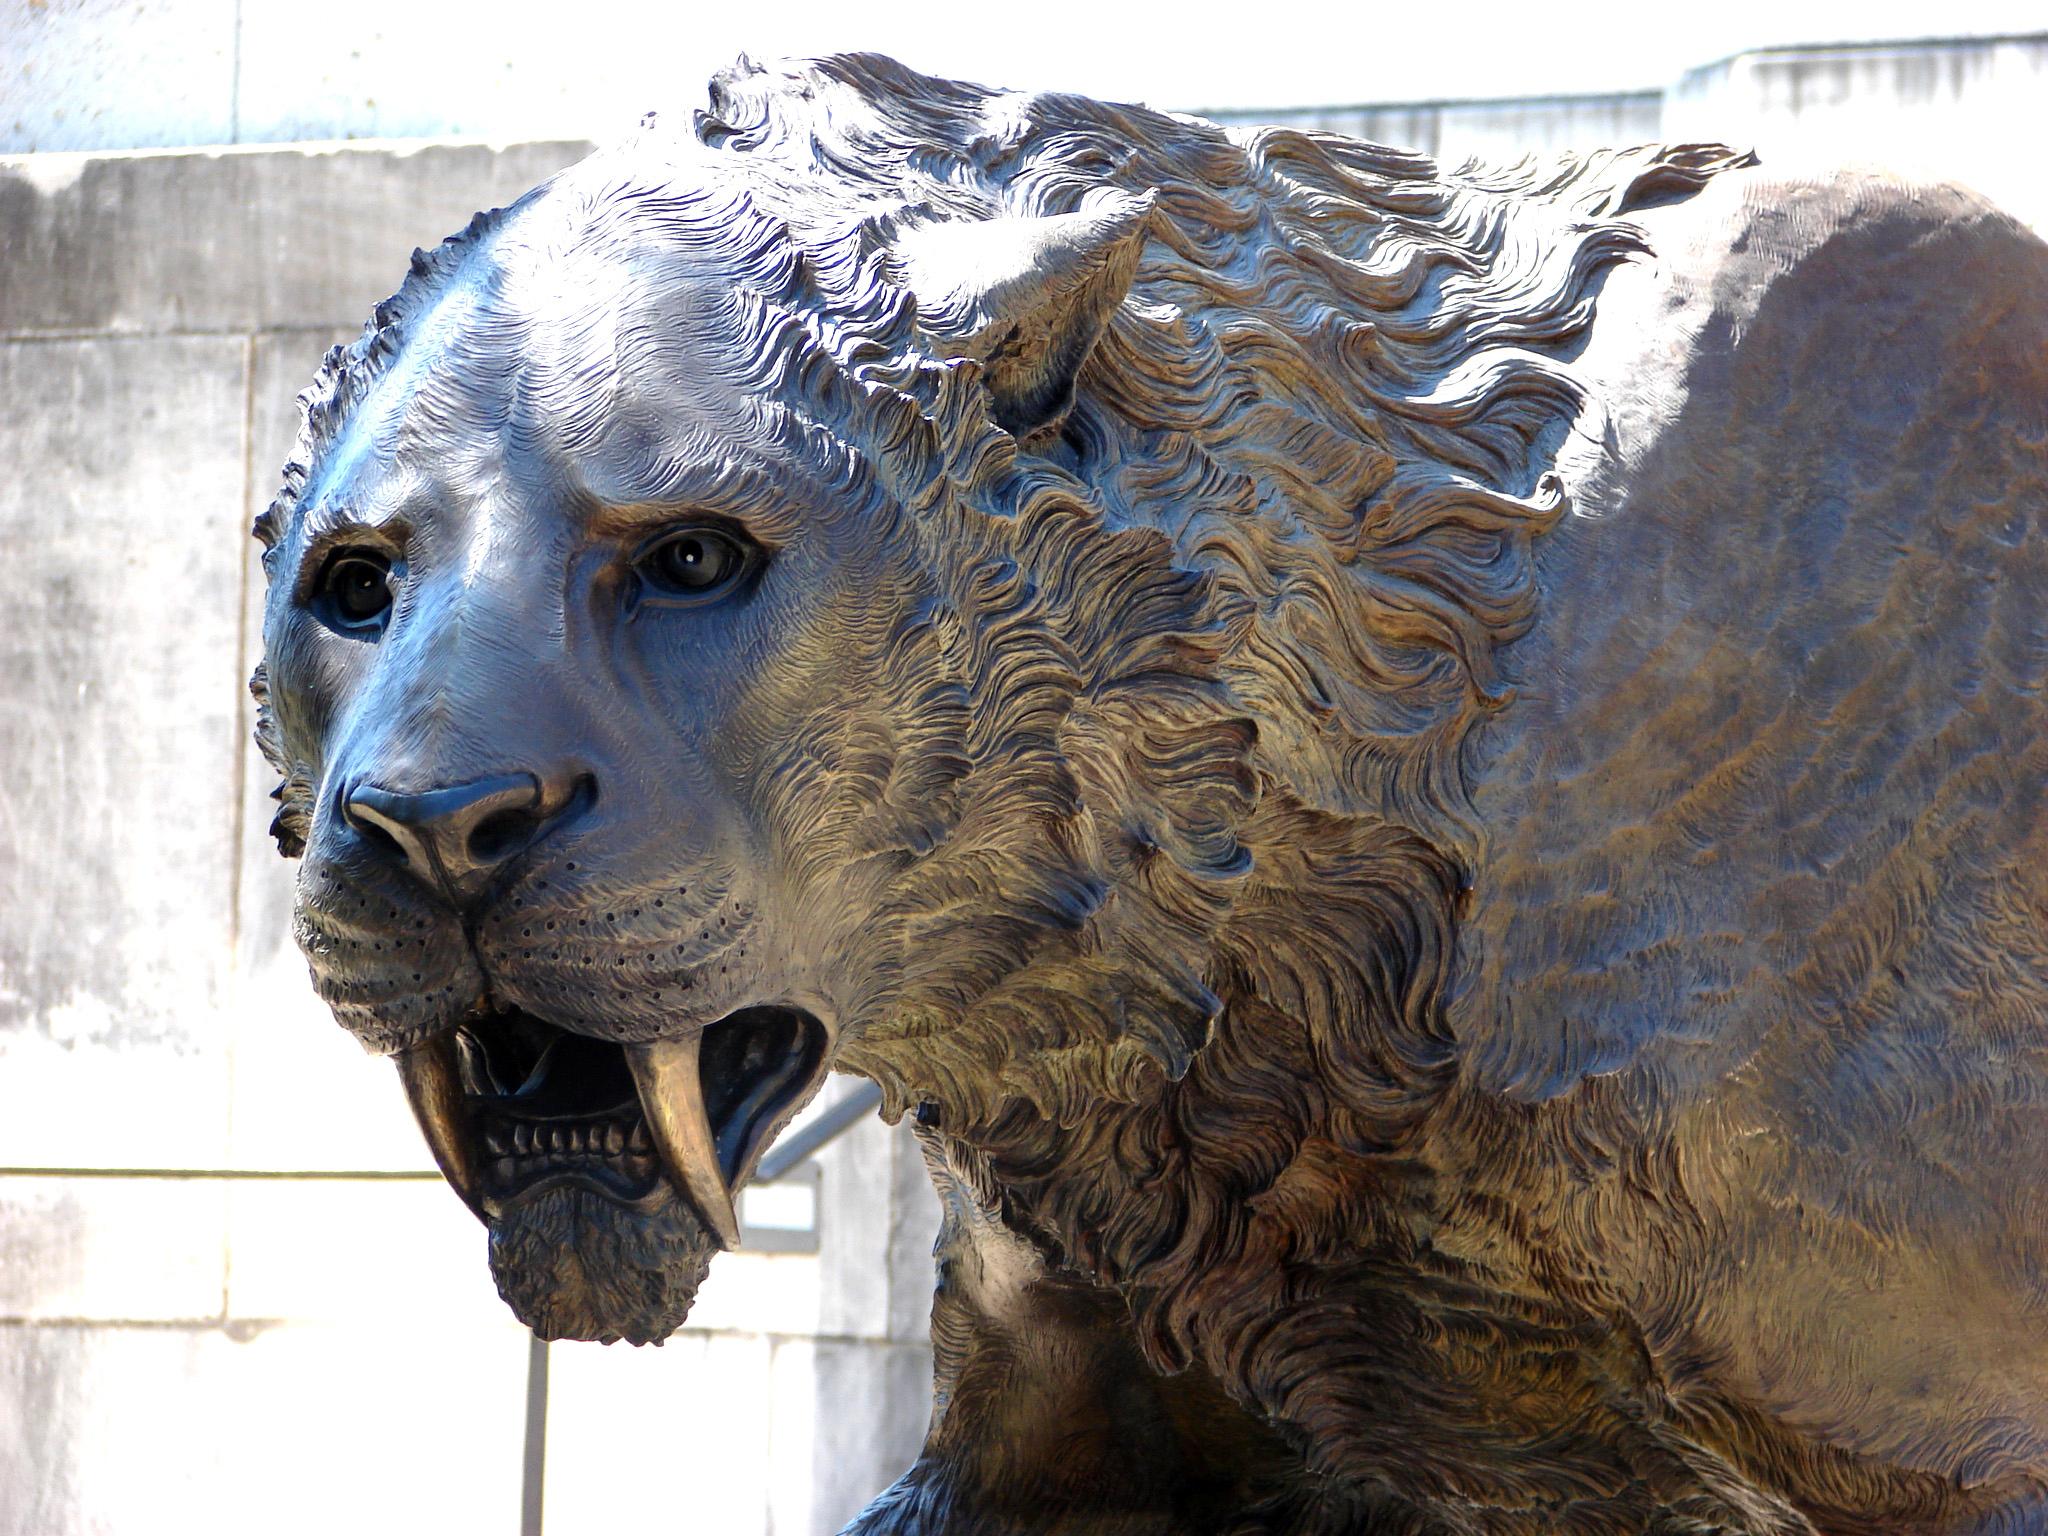 bronze-saber-cat-sculpture-john-maisano.jpg